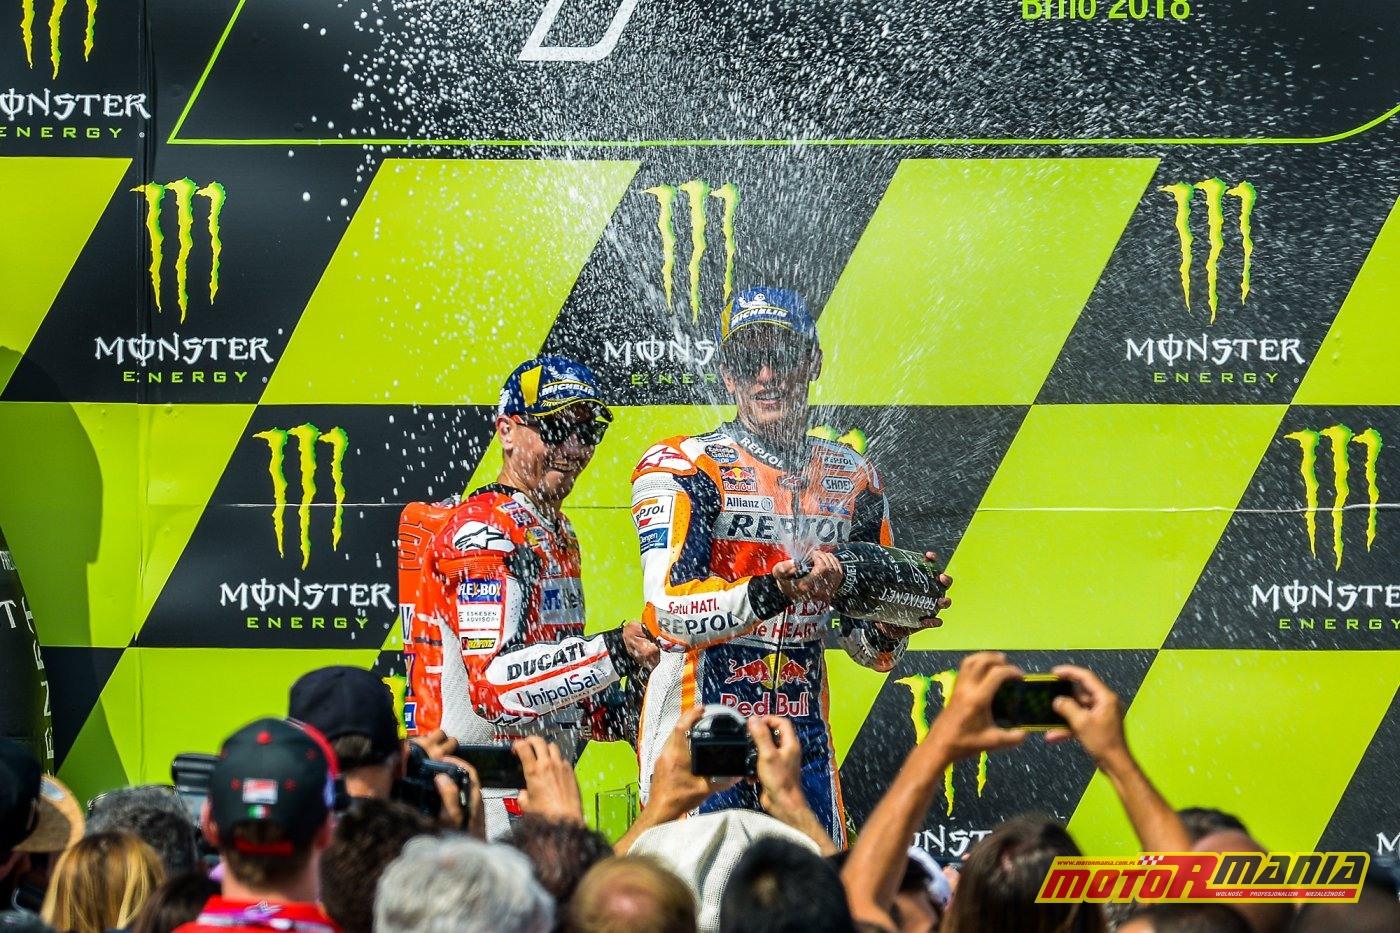 Wyścig MotoGP Brno 2018 - fot Waldek Walerczuk (82)